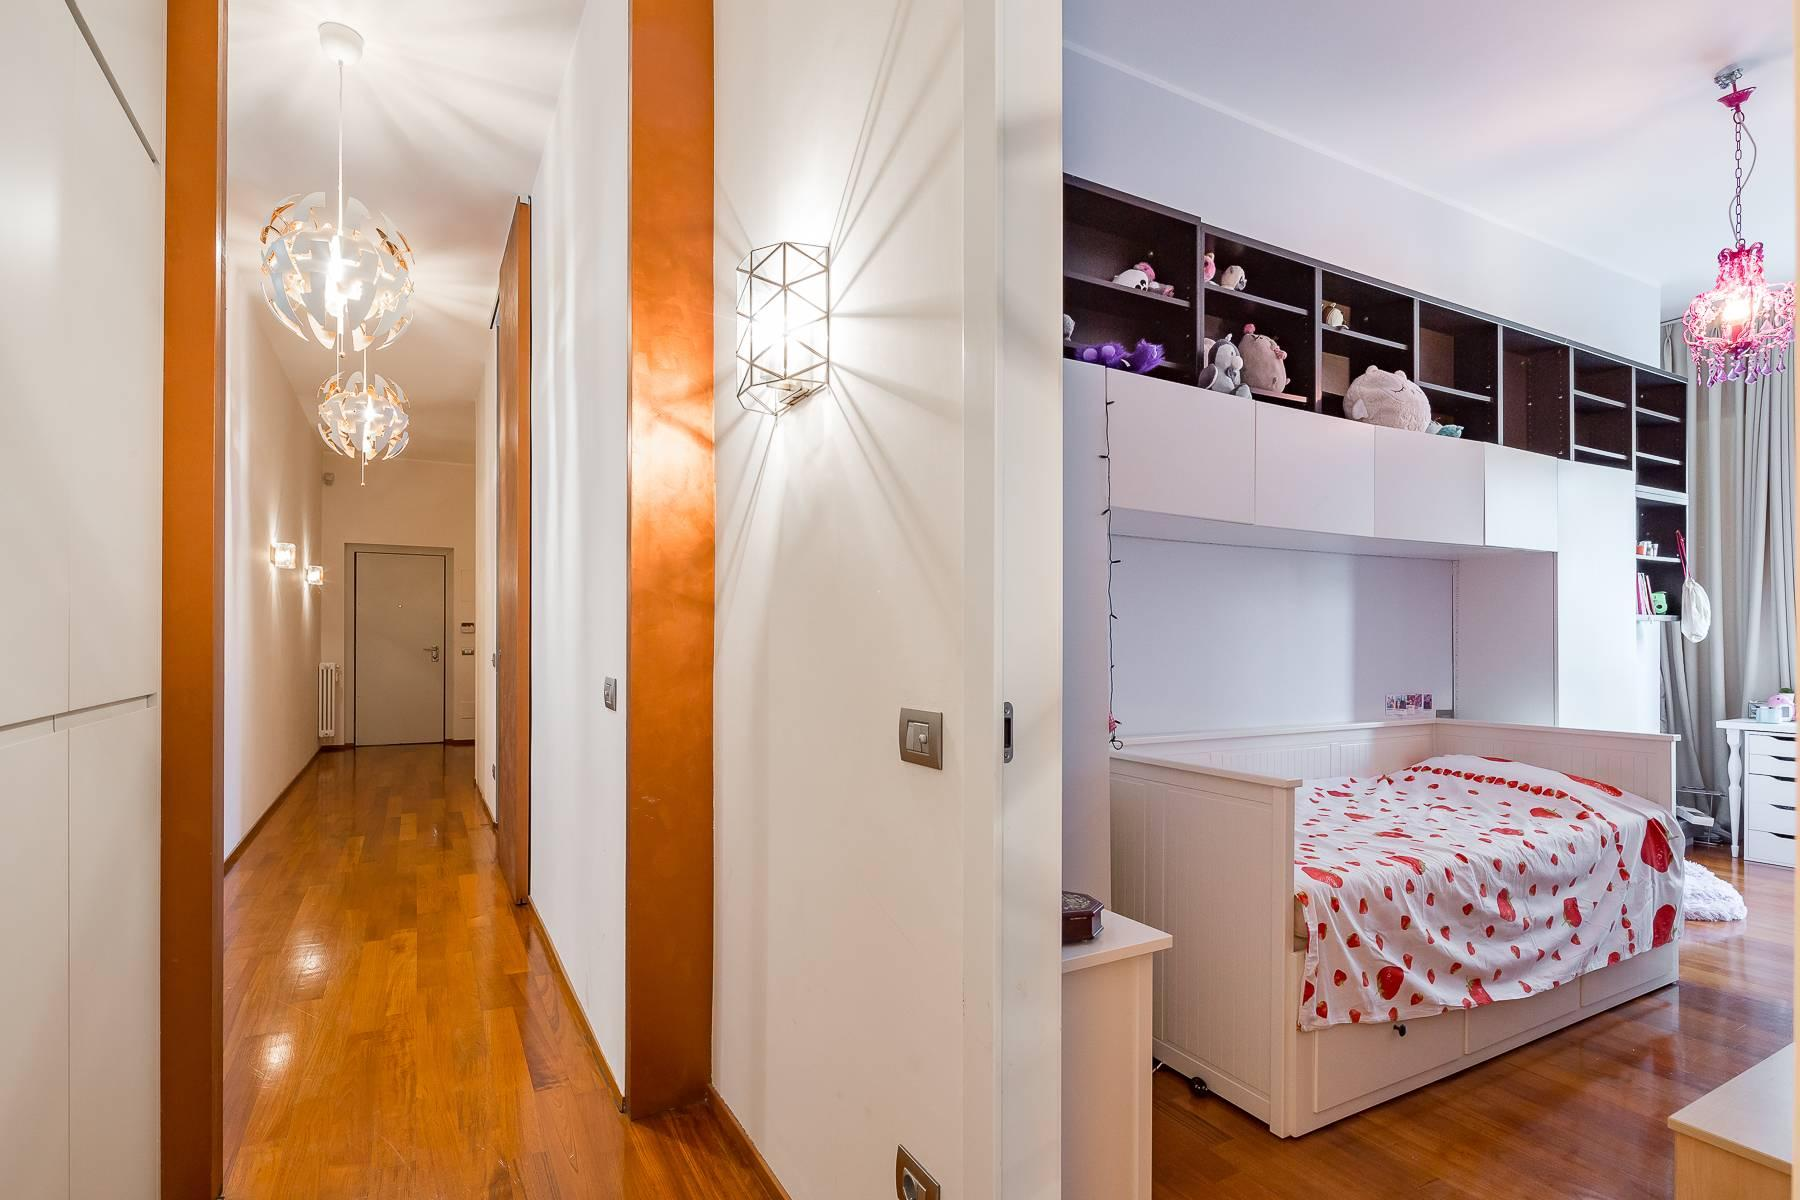 Renovierte Wohnung im Stadtviertel Ticinese/Darsena - 16